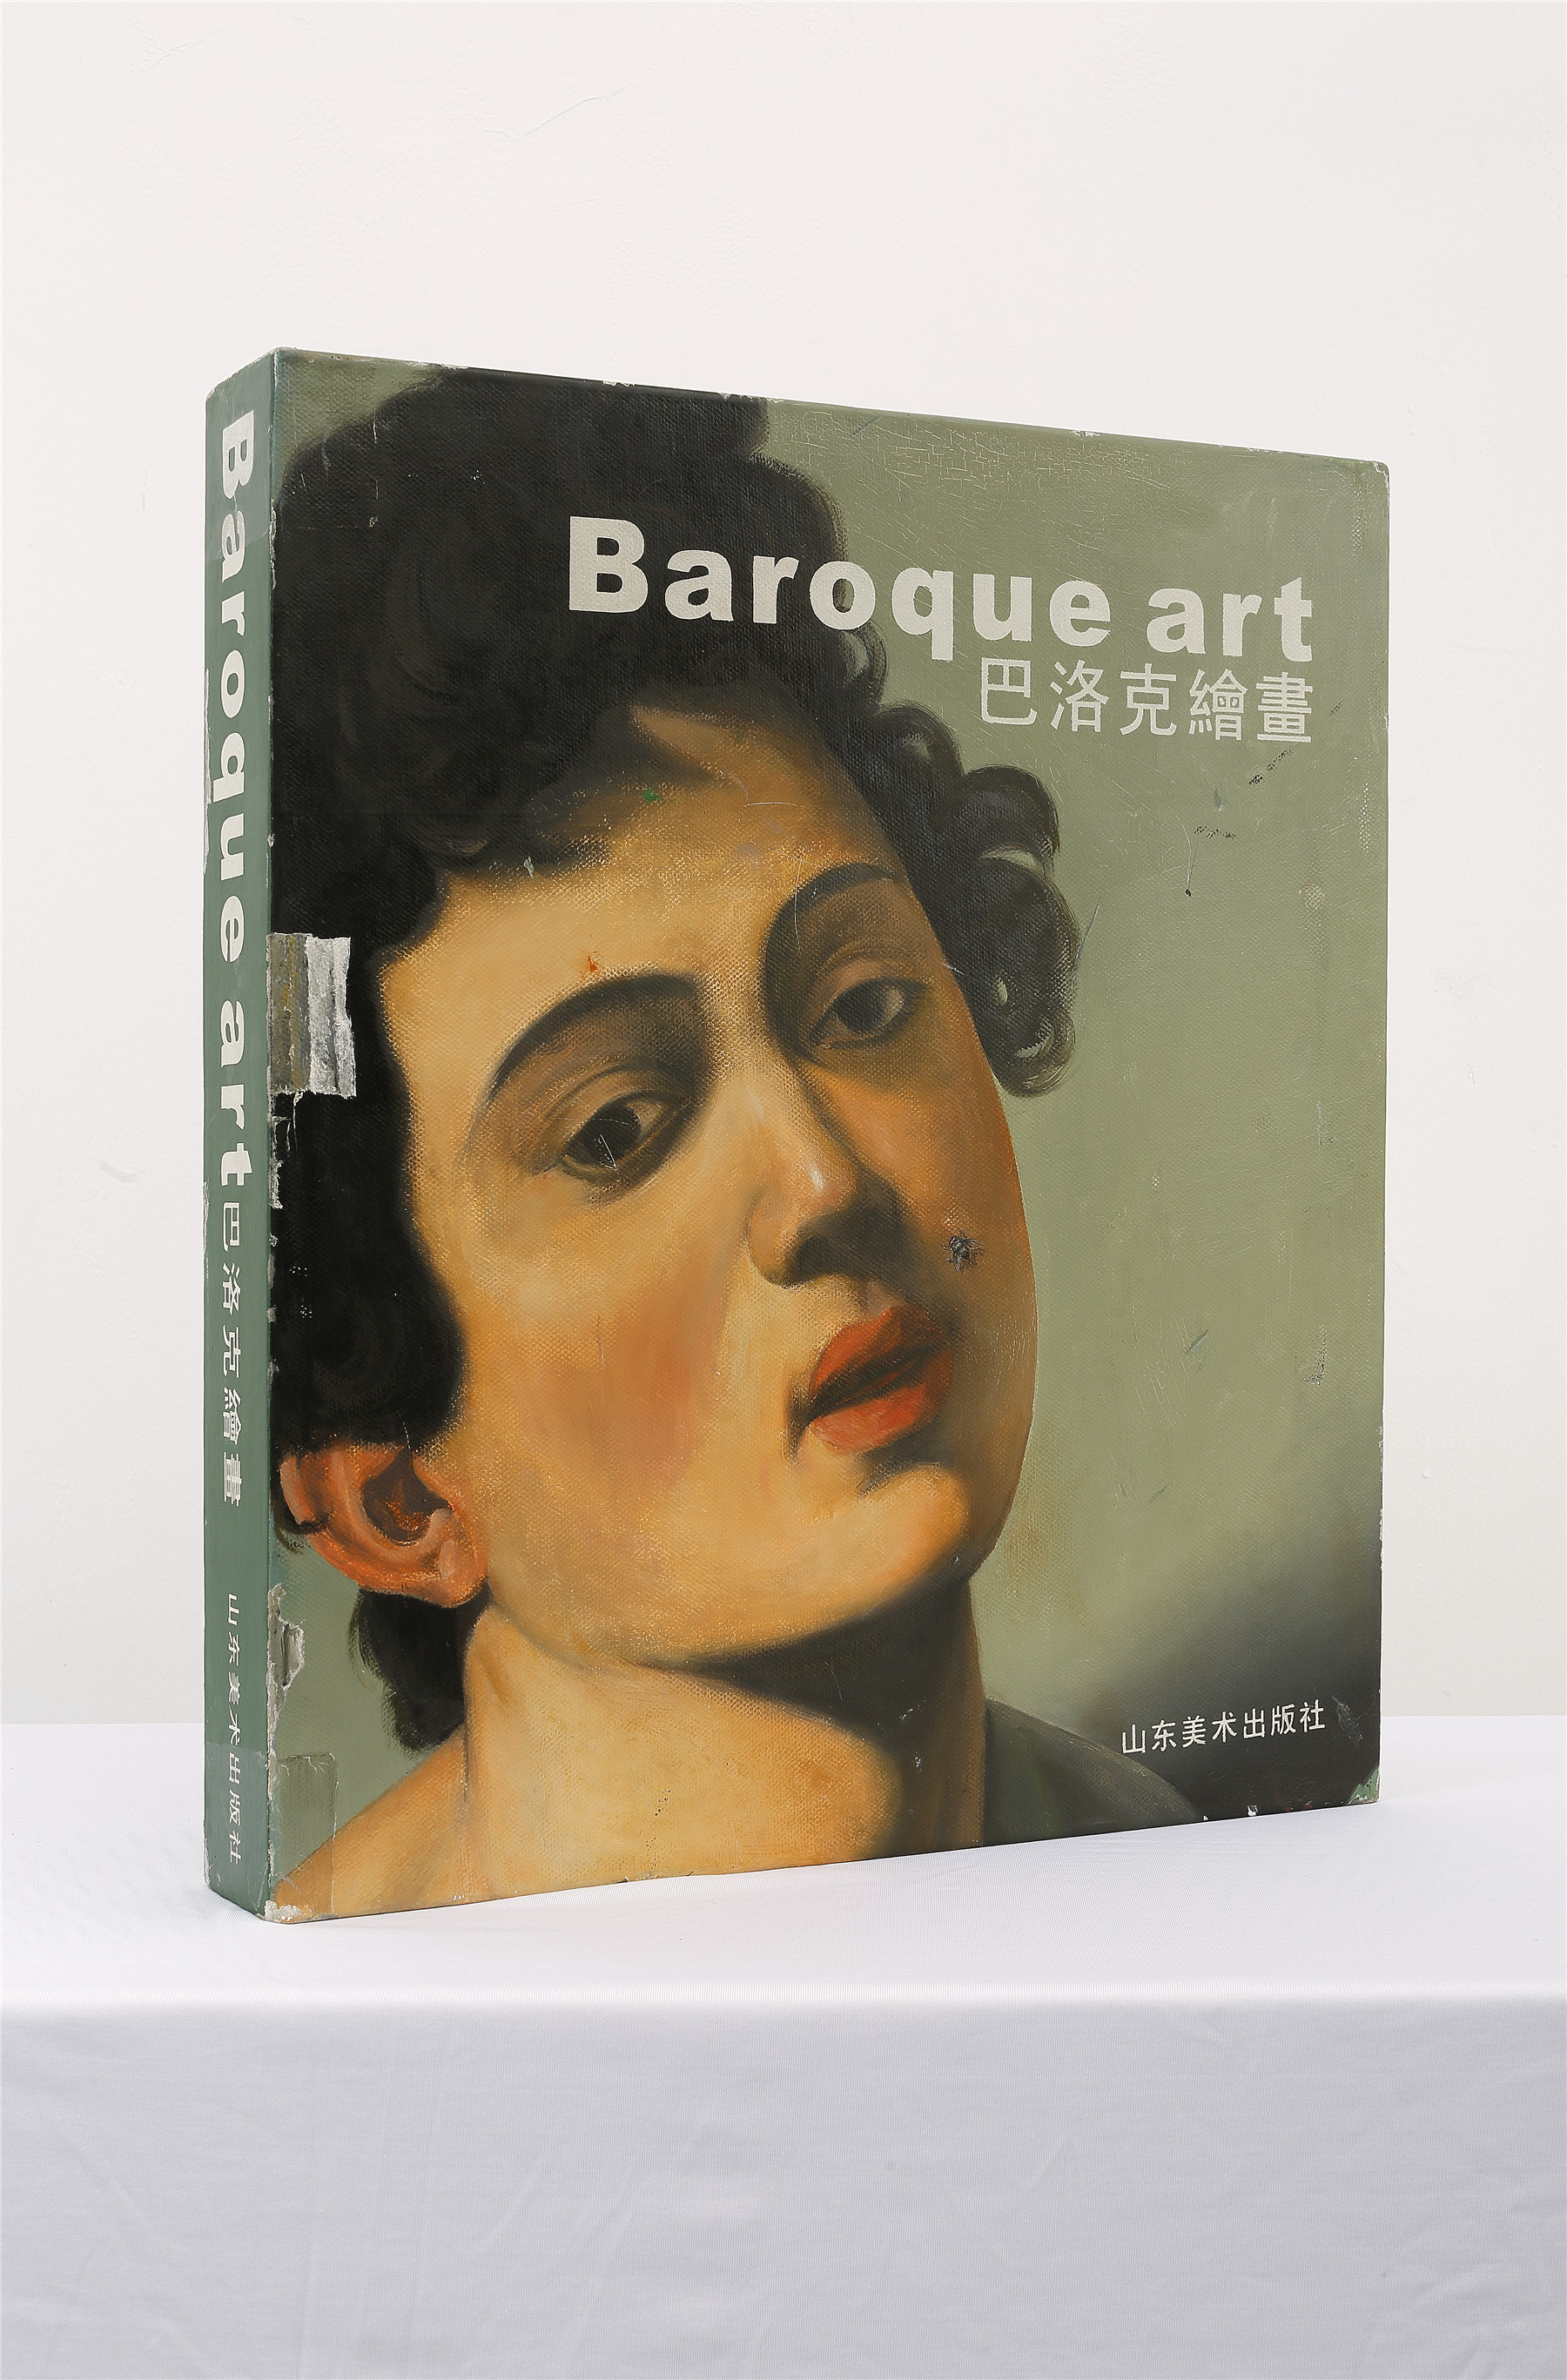 藏书—巴洛克绘画 (2)